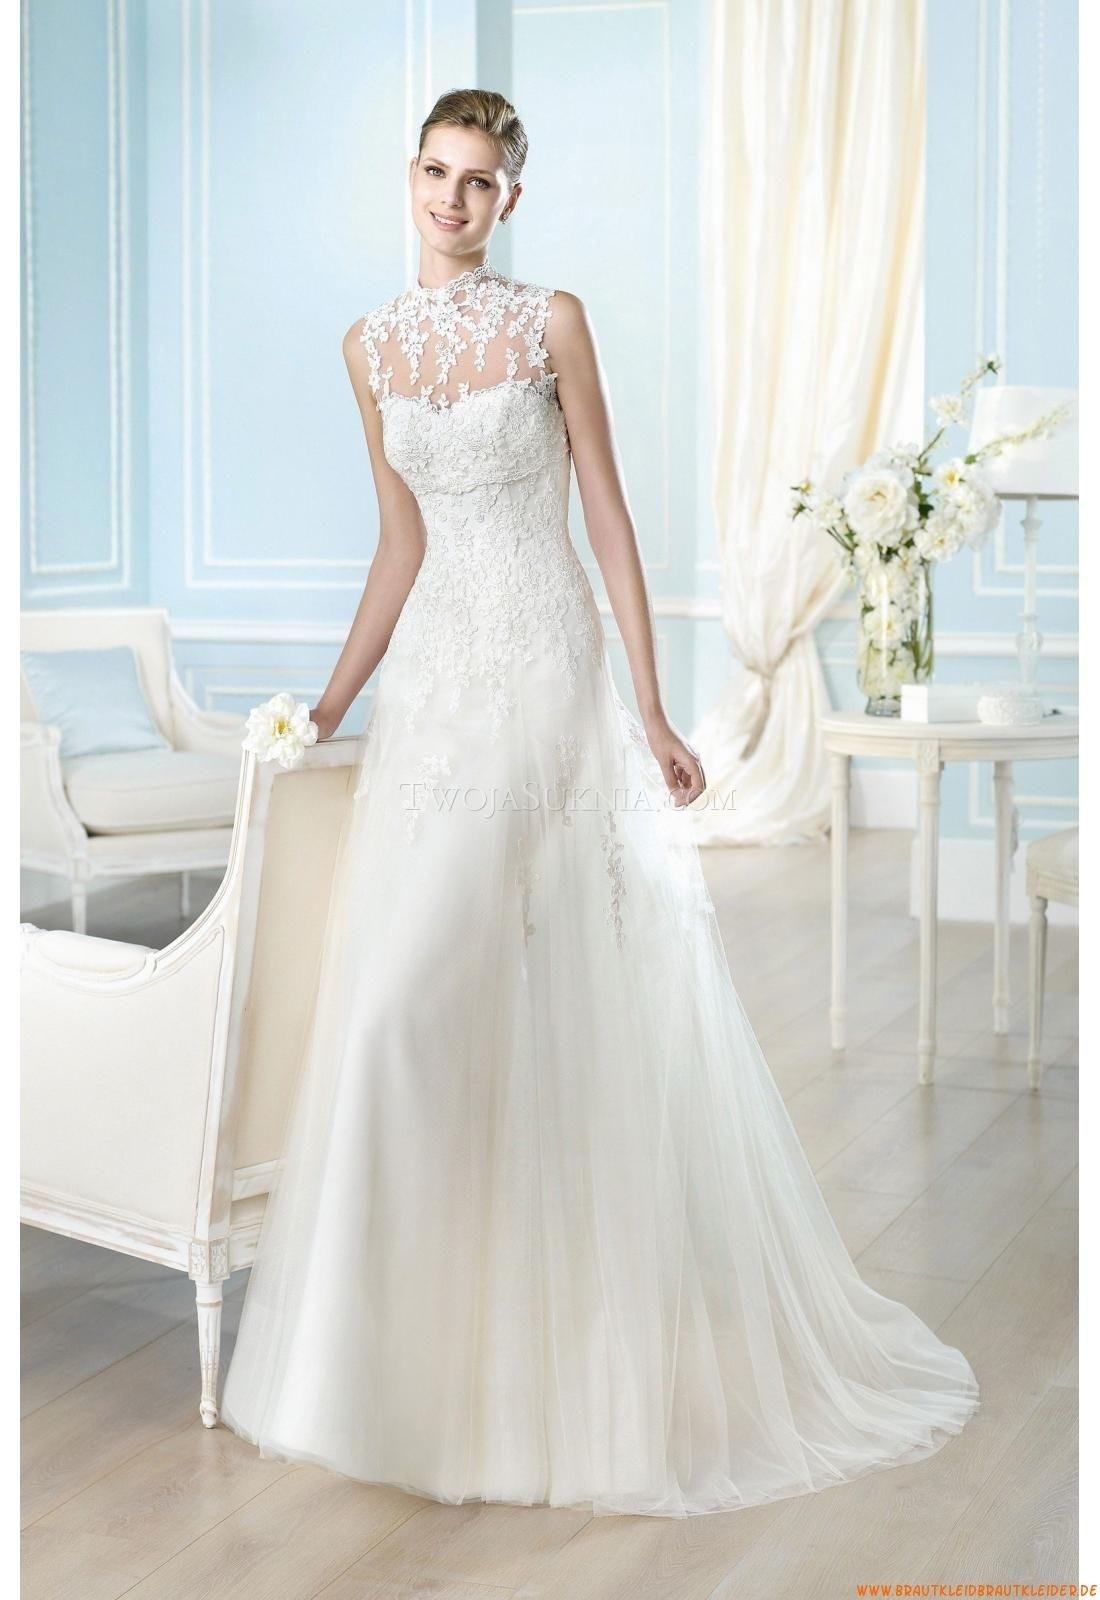 15 Cool Hochzeitskleider Günstig Spezialgebiet Ausgezeichnet Hochzeitskleider Günstig Vertrieb